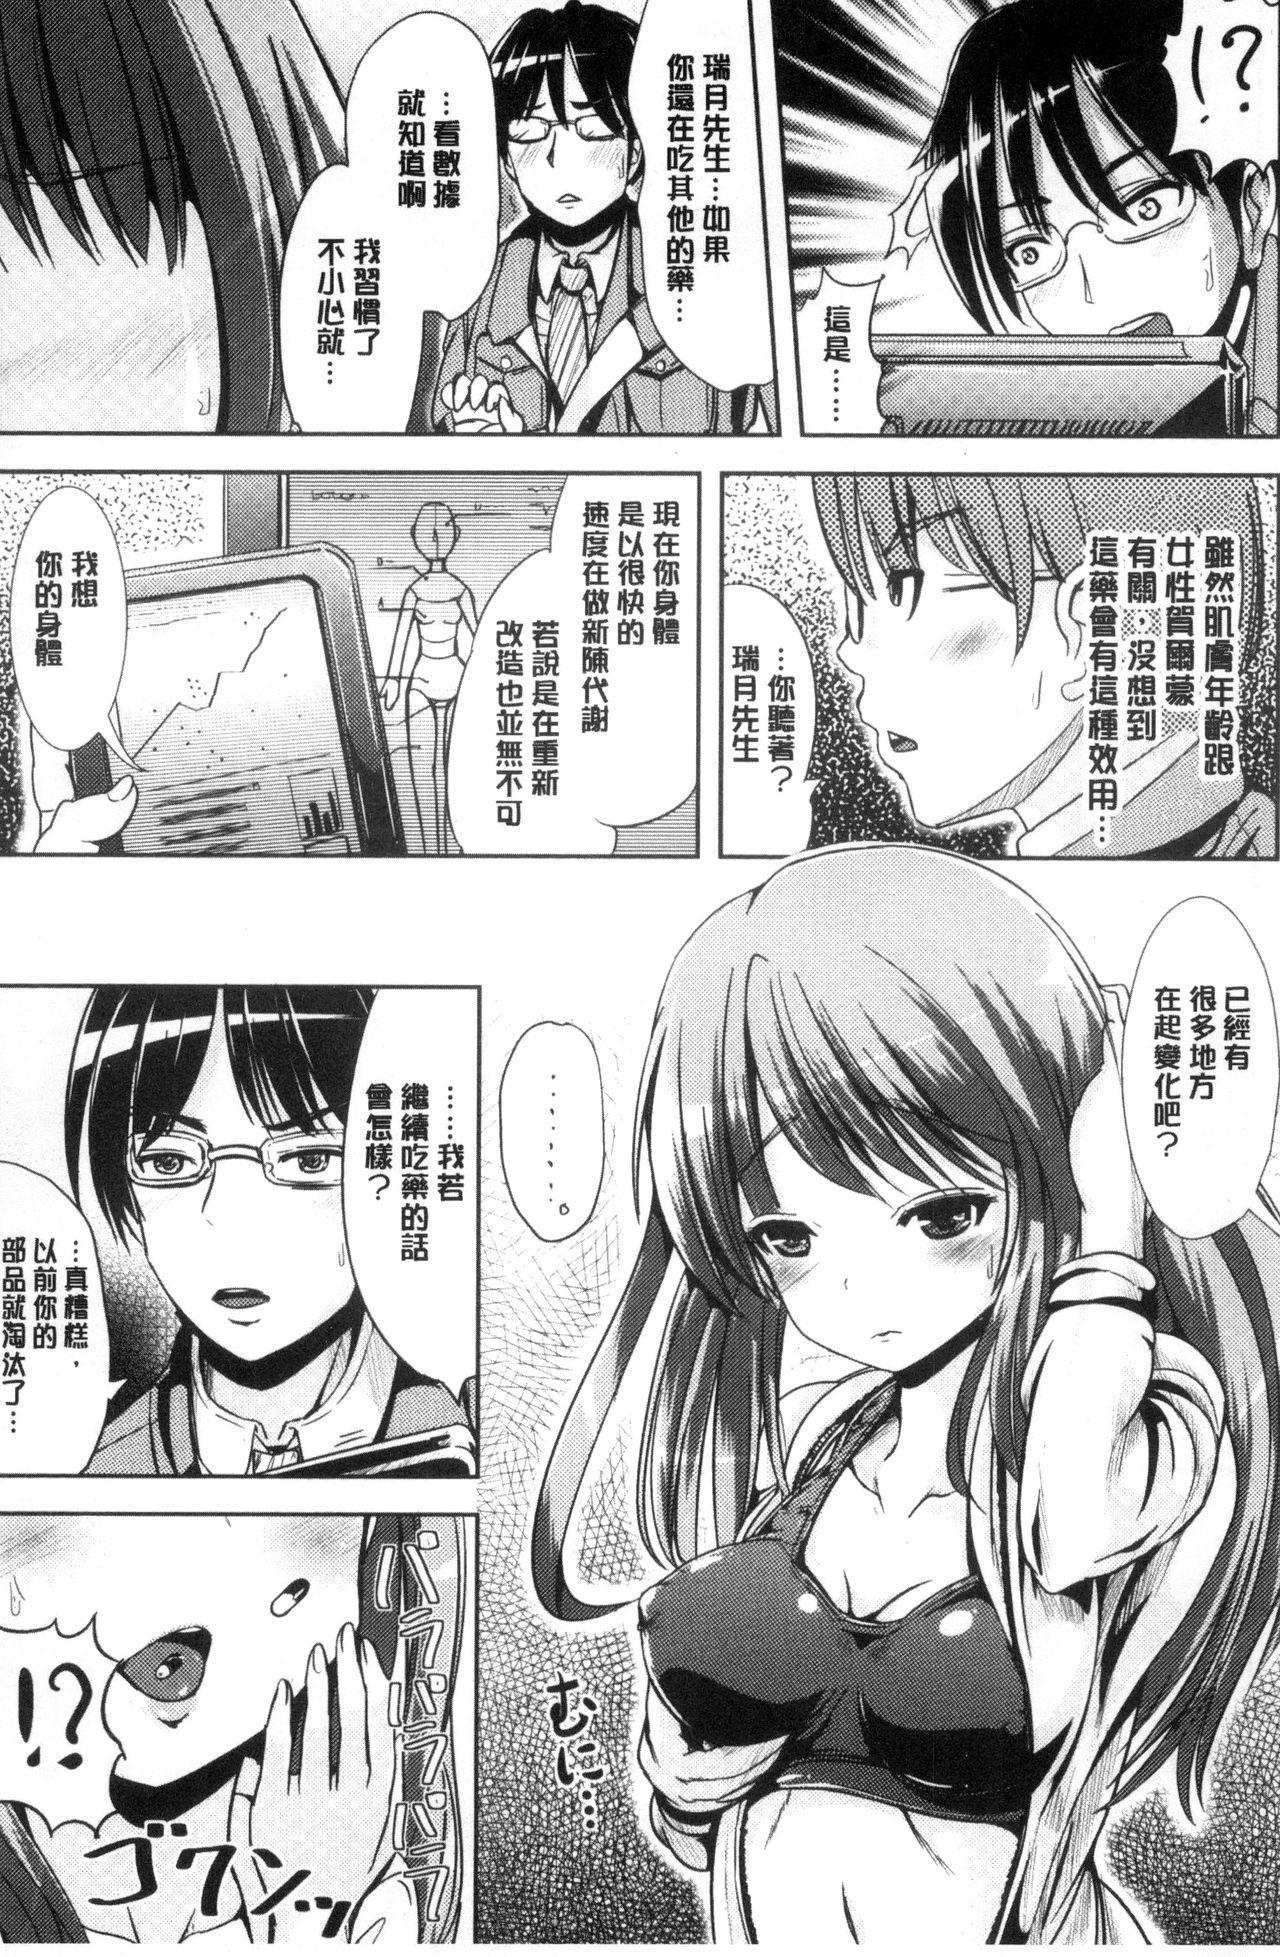 [Marneko] Onnanoko Supple ~Seitenkan Shite Hoken no Jugyou~   女孩子補給品 性轉換之後保健的授業 [Chinese] 27